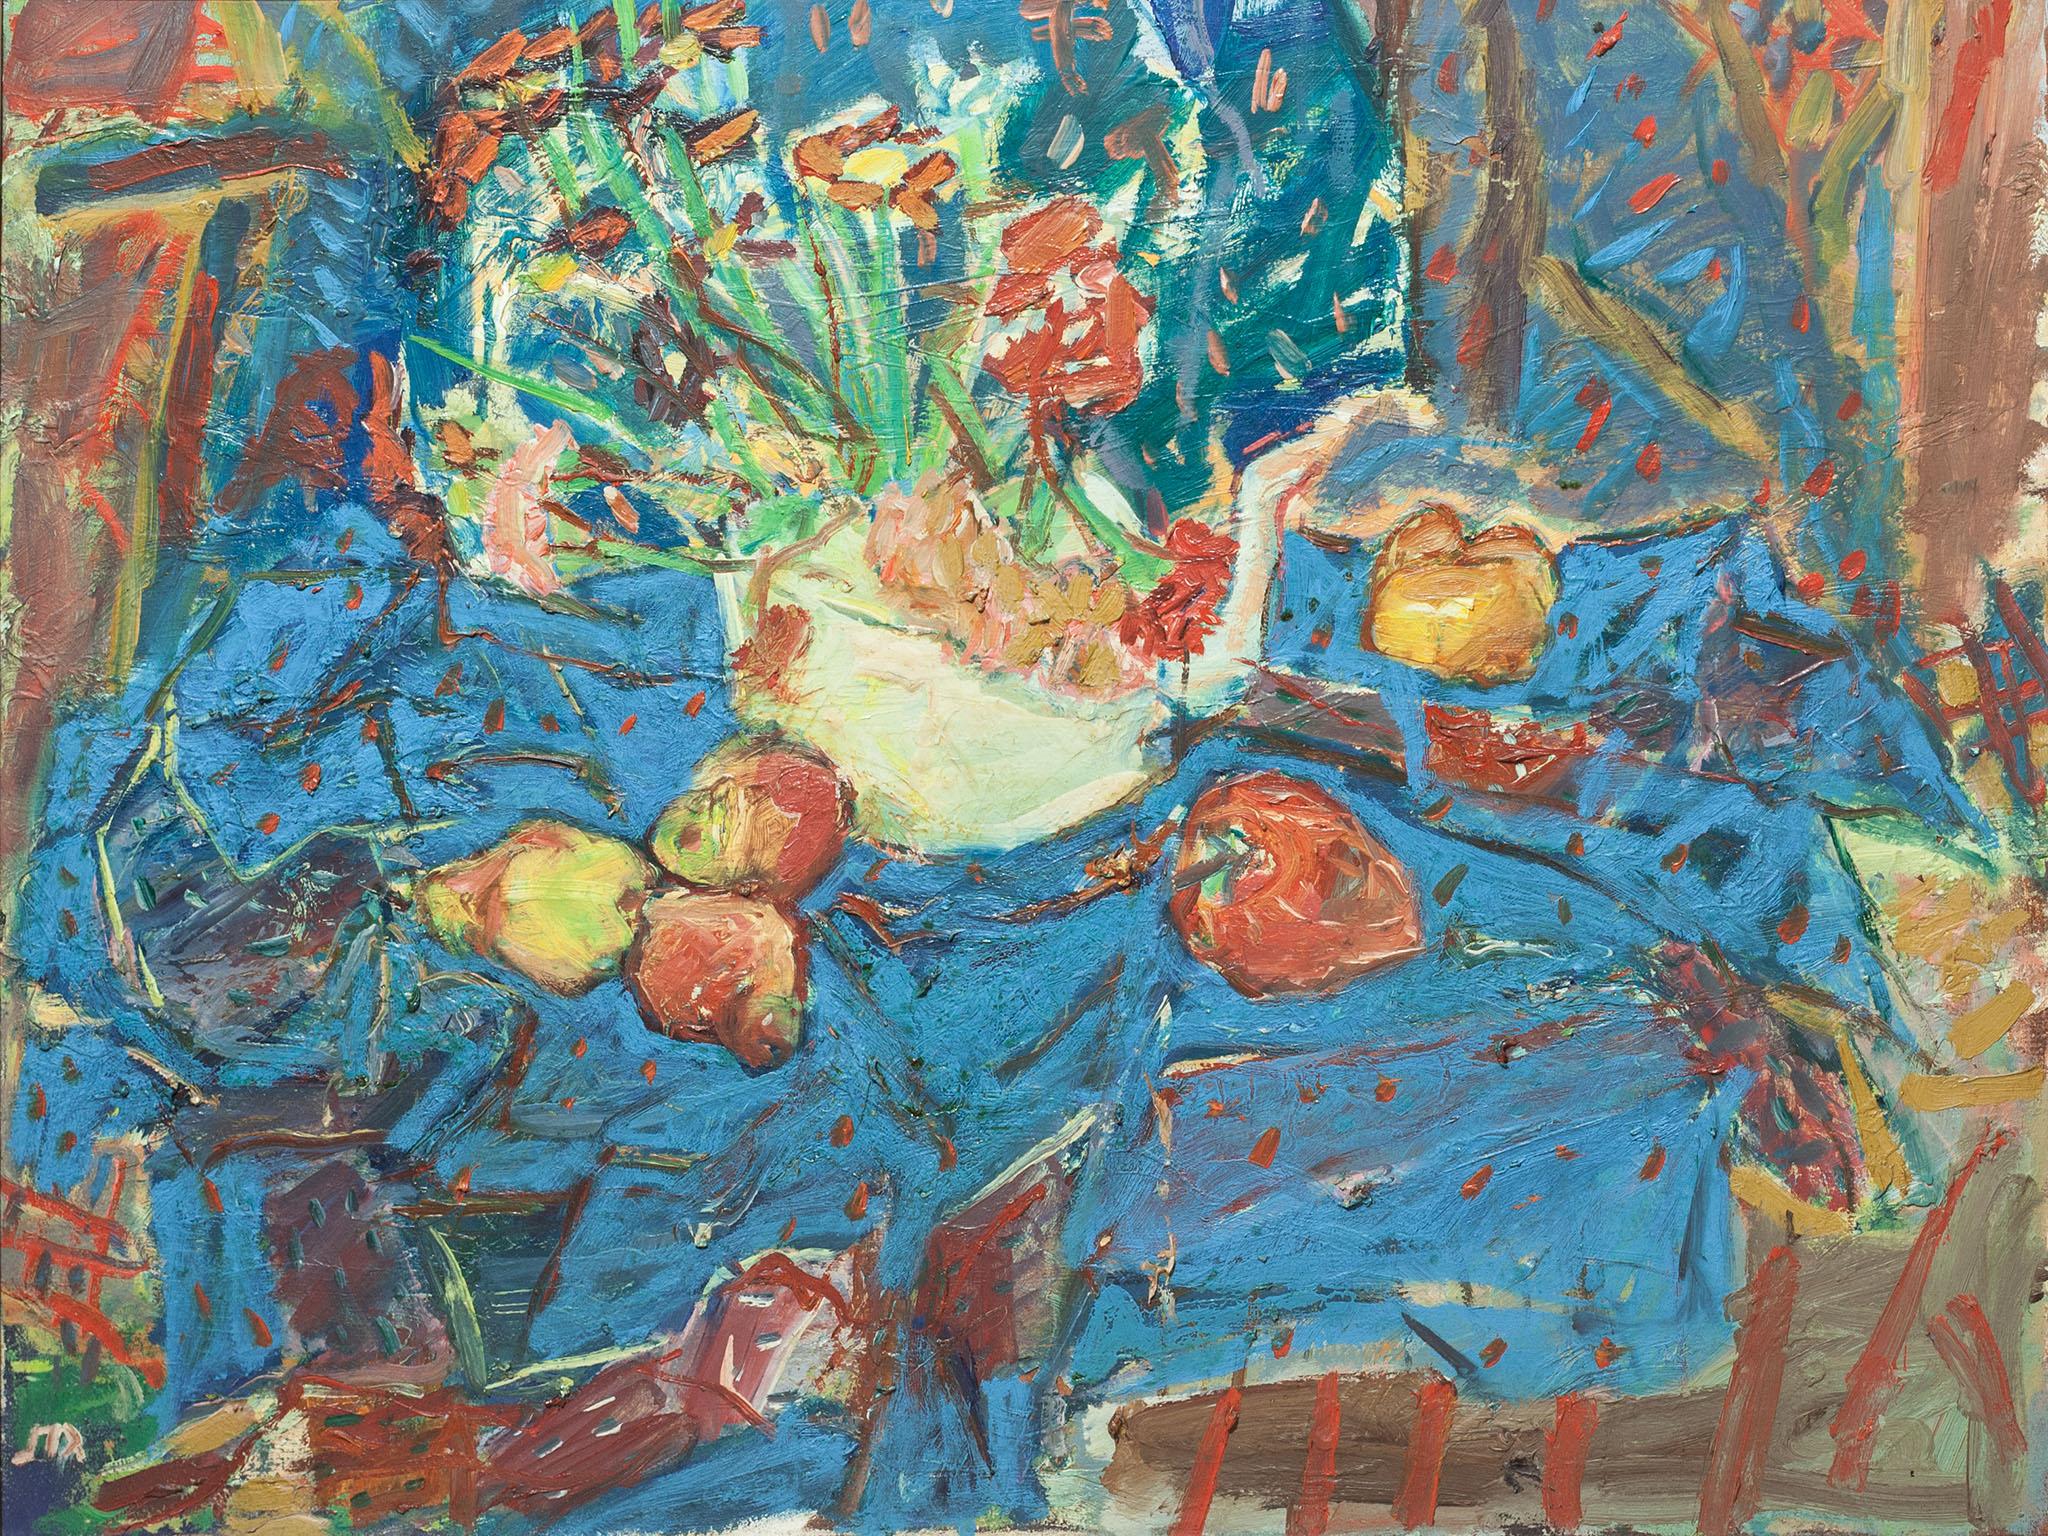 """אליהו גת, """"טבע דומם"""", 1979, שמן על בד, 80x60 ס""""מ"""